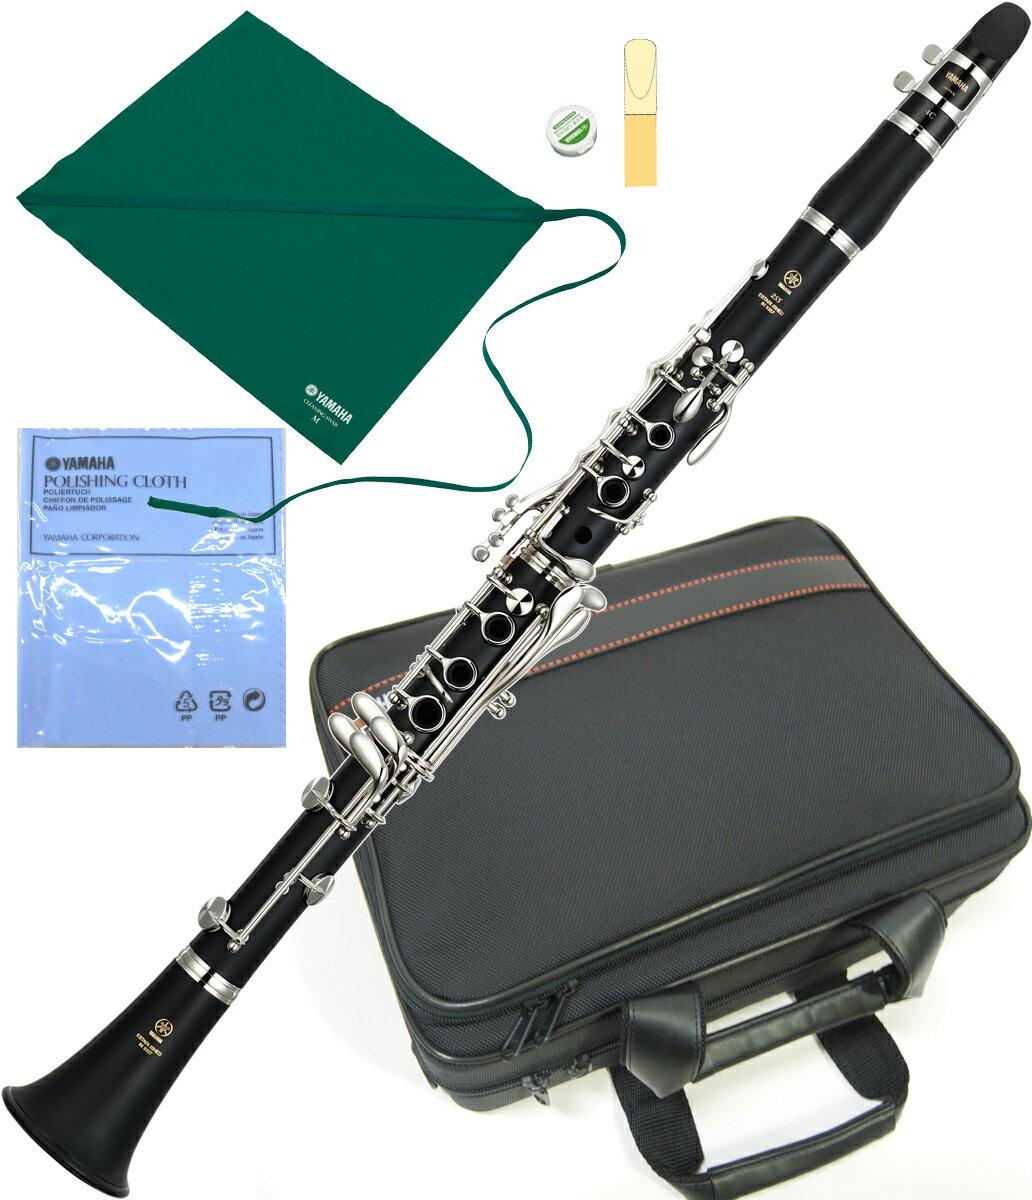 YAMAHA(ヤマハ)YCL-255クラリネット新品ABS樹脂製スタンダードB♭管本体初心者管楽器管